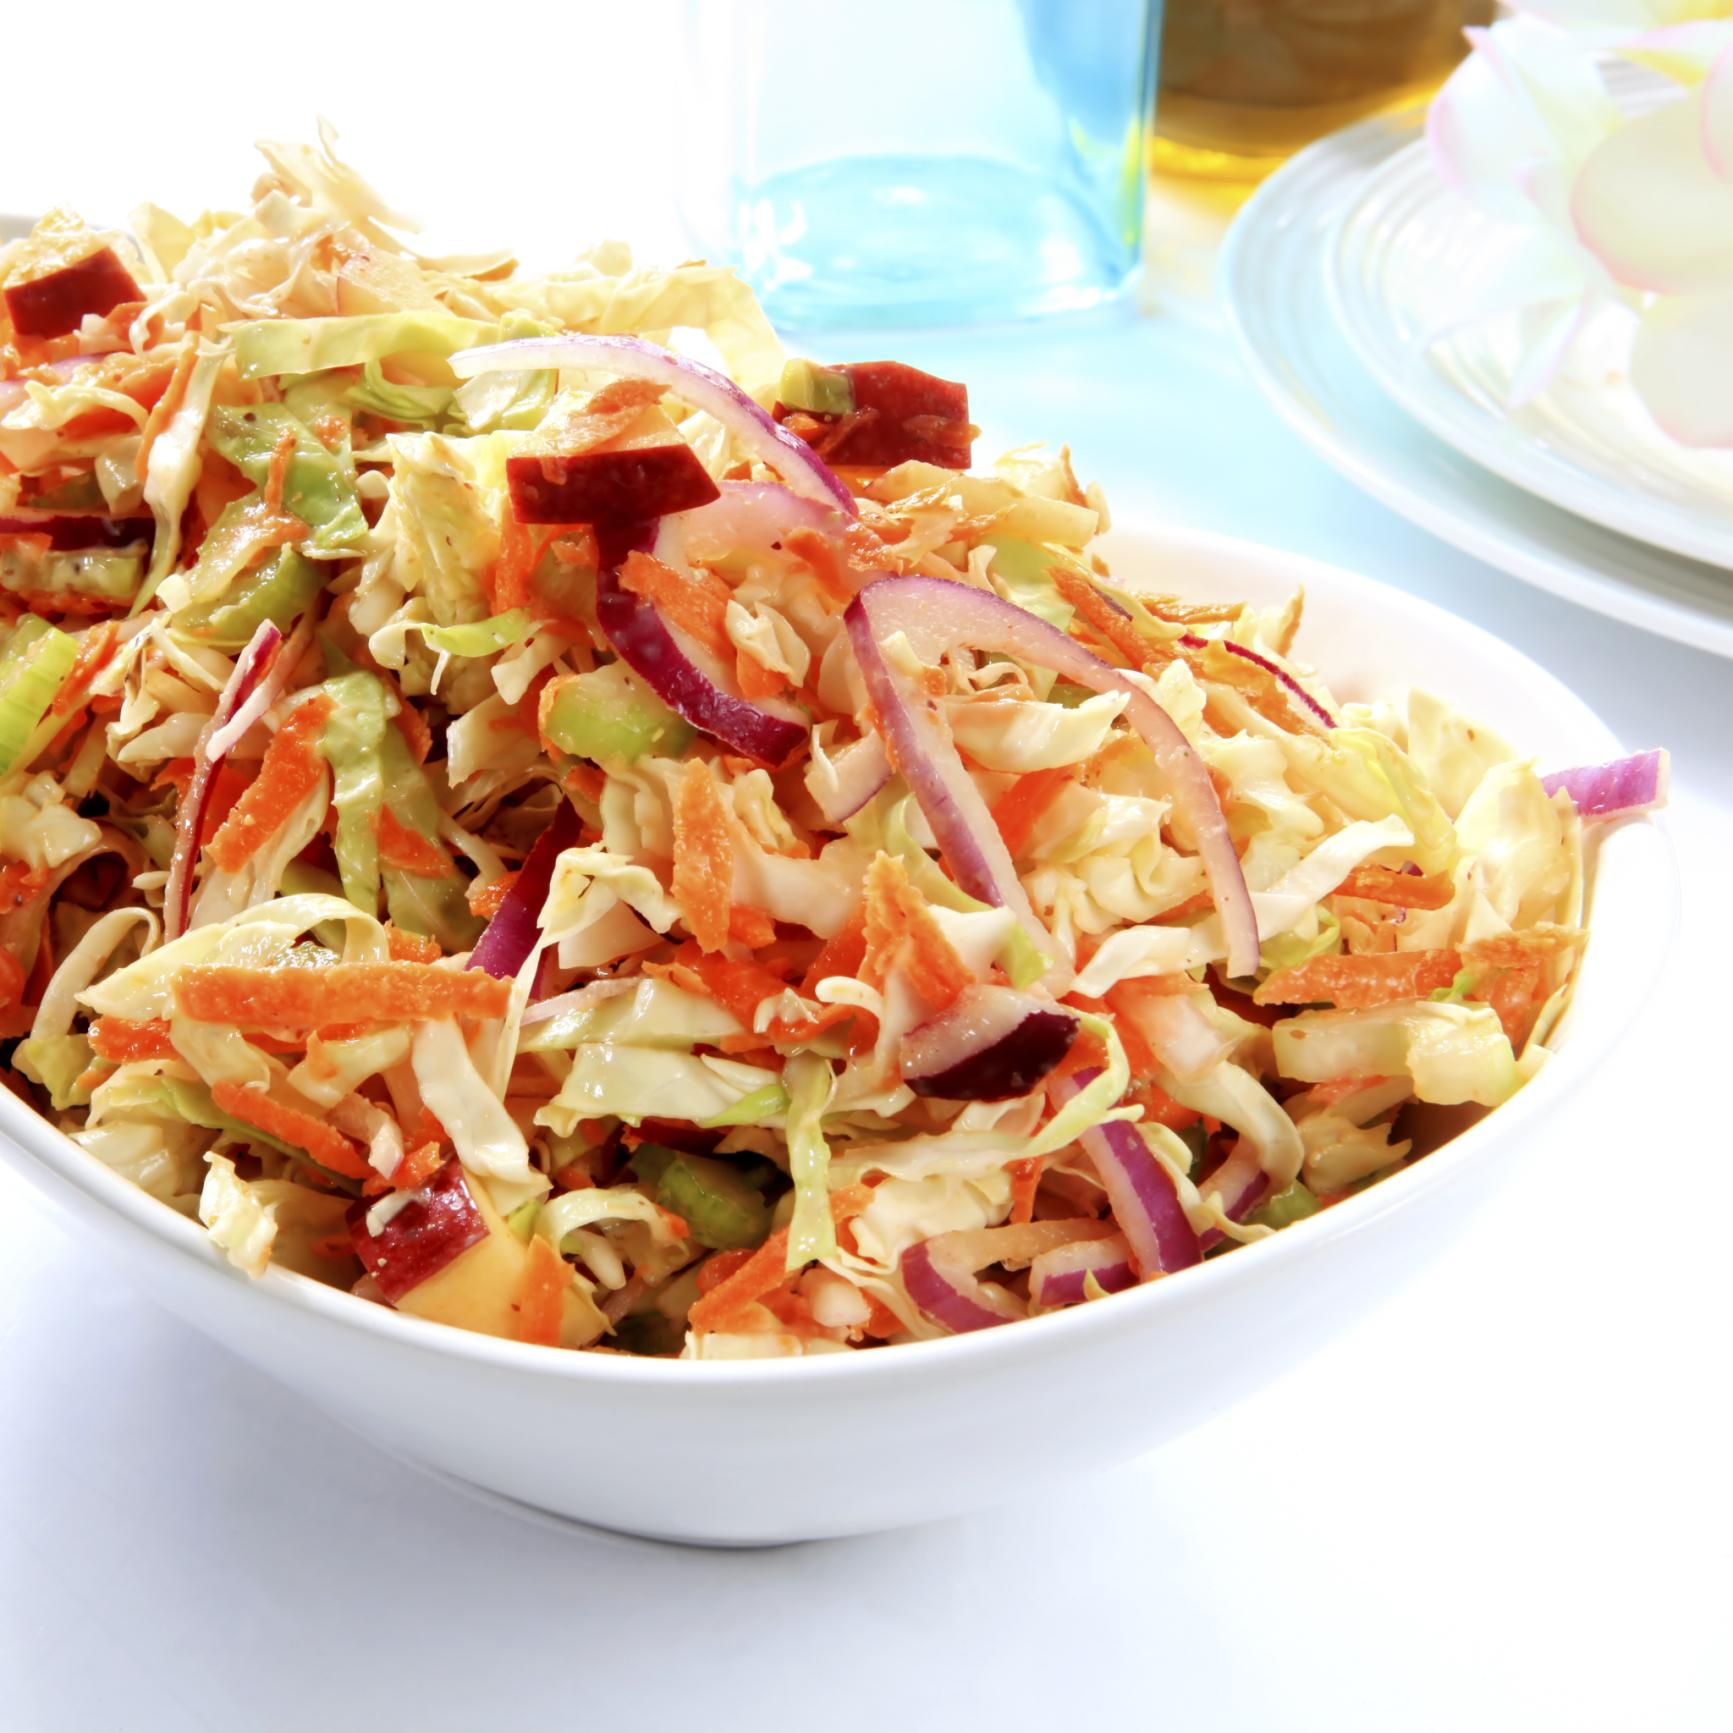 Salade de chou aux pommes Red Prince à l'asiatique